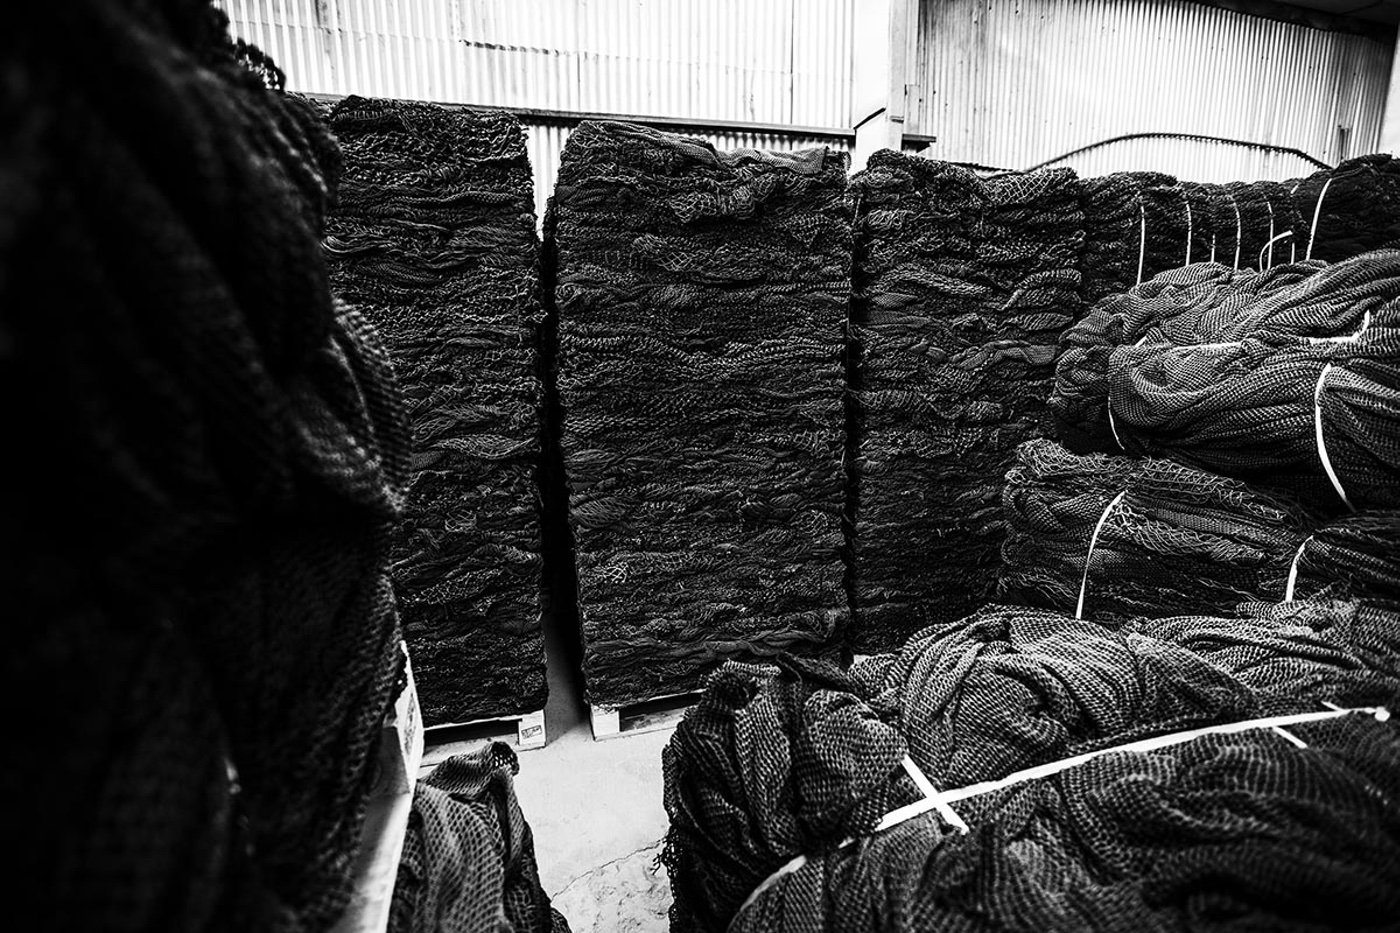 Bontrager Bat, el portabidón hecho con redes de pesca recicladas